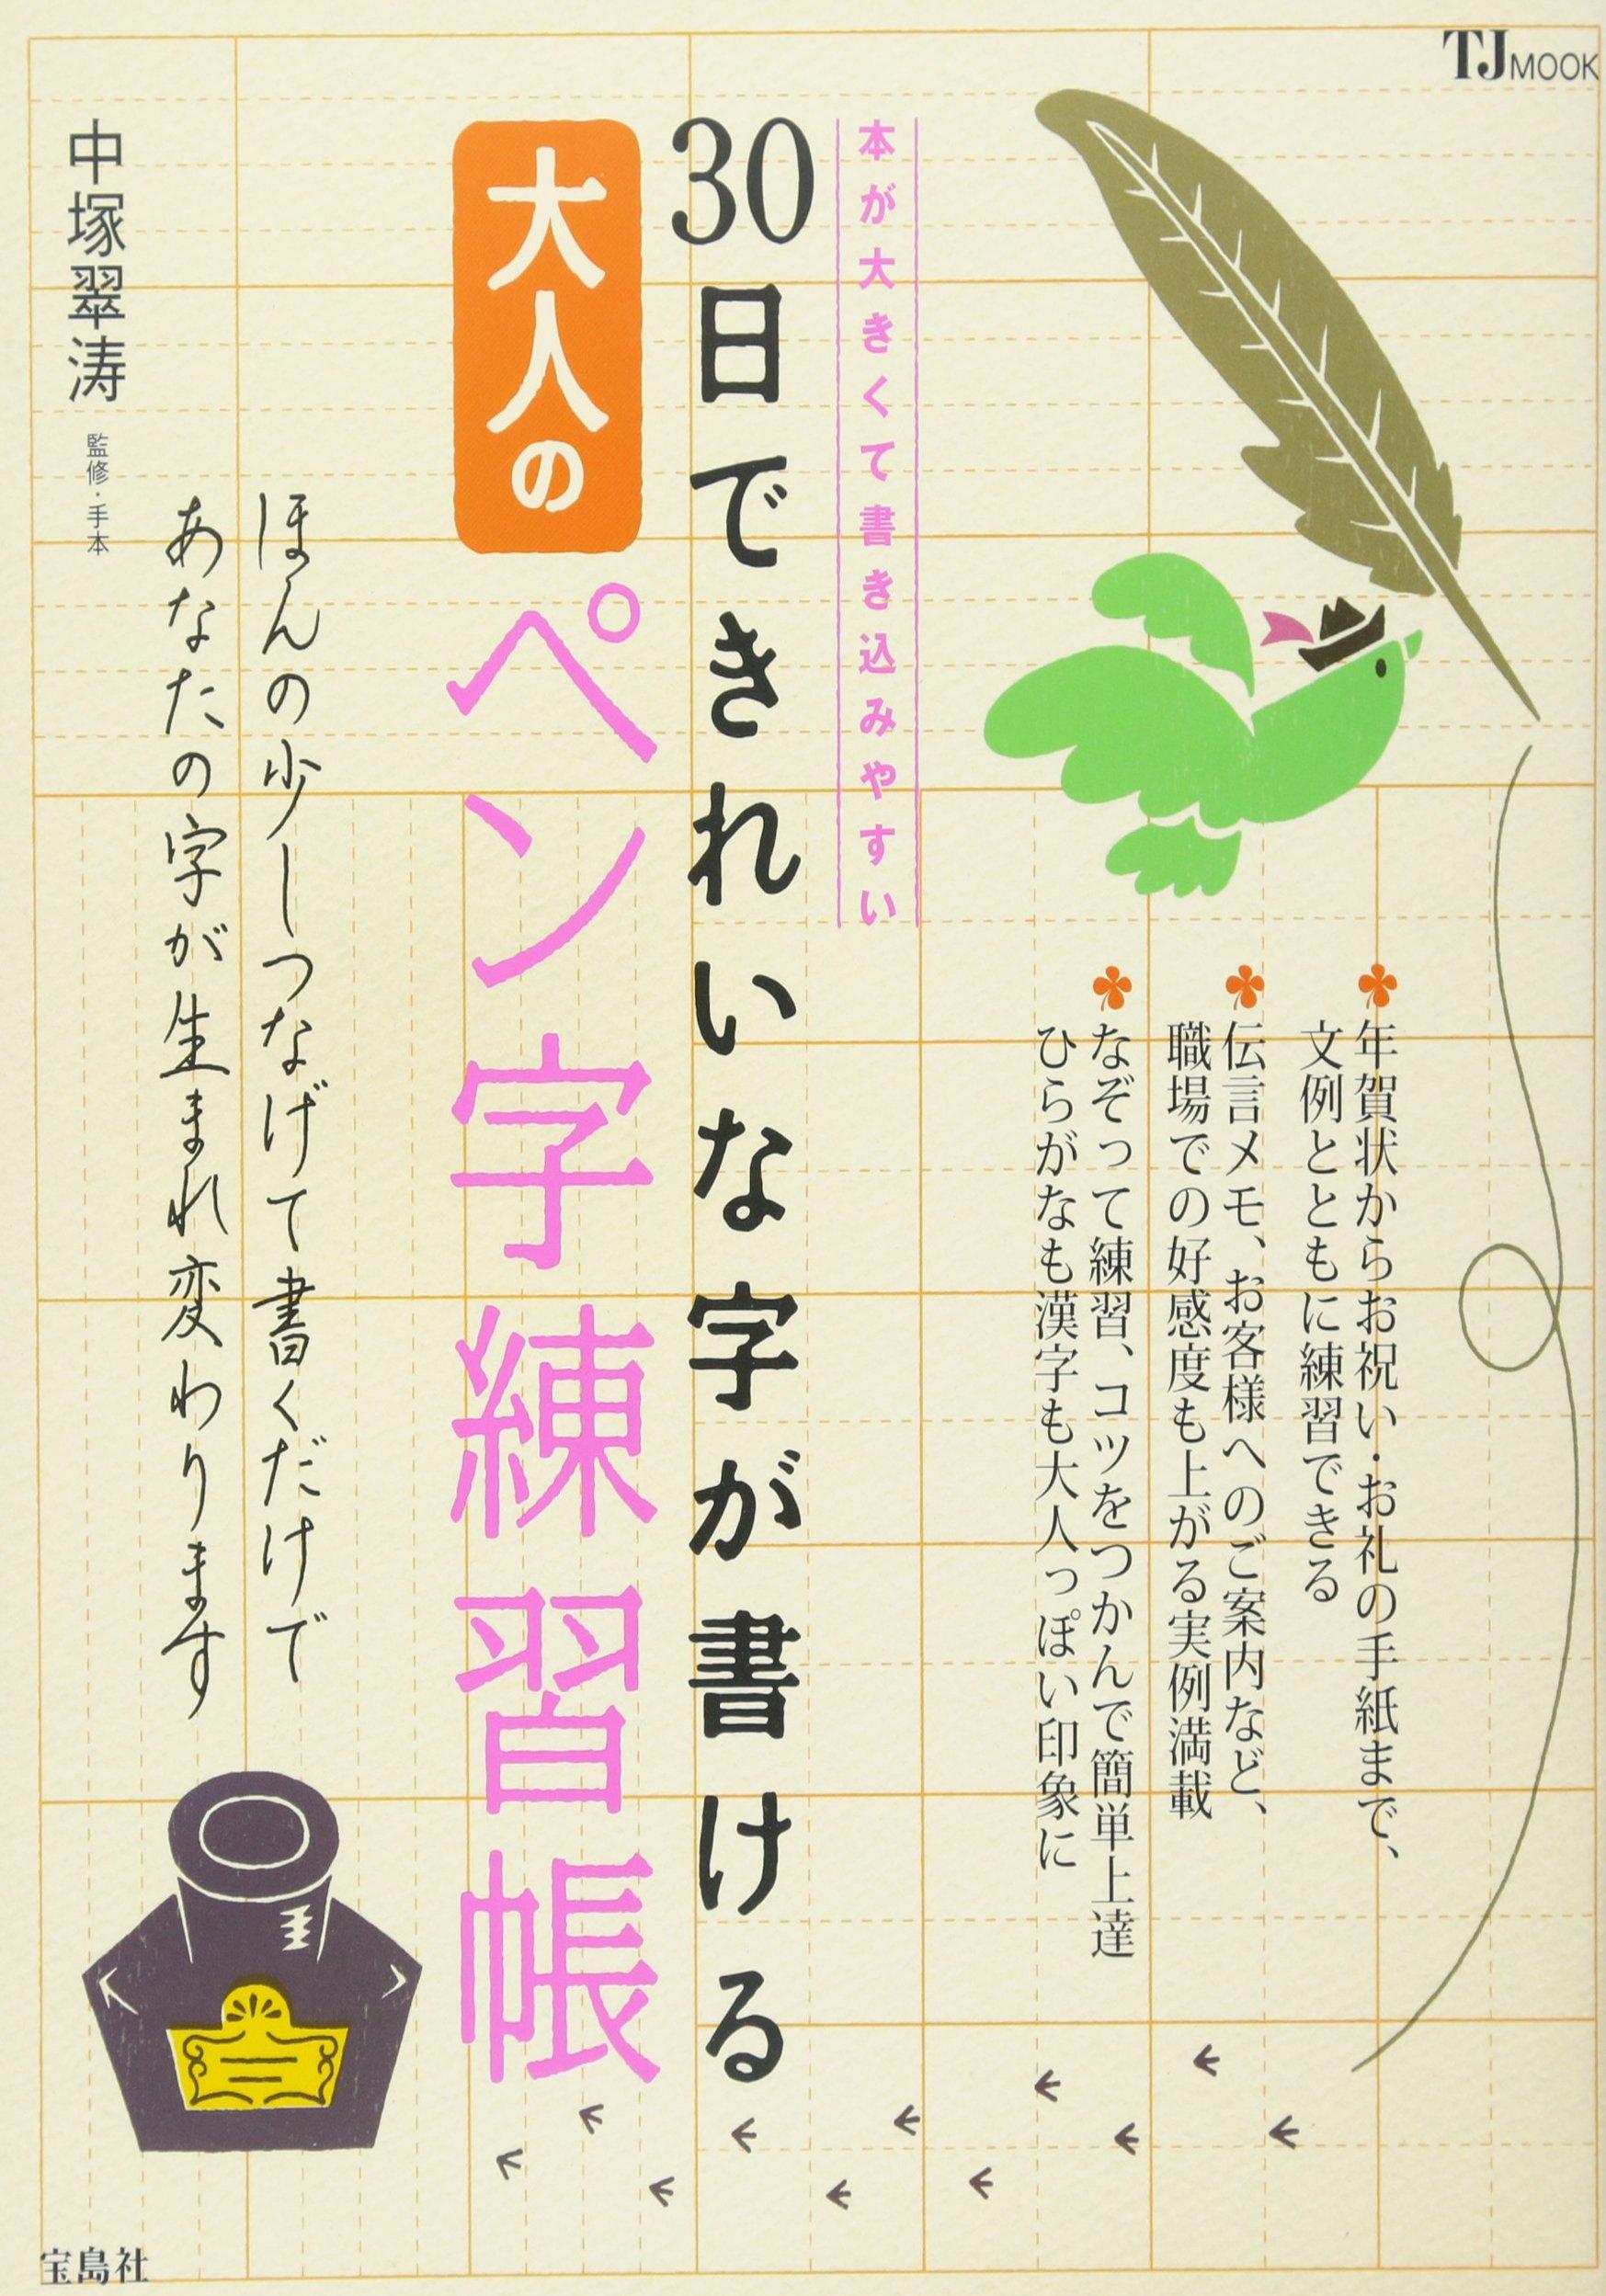 ペン字練習帳のおすすめ9選!DVD付きも